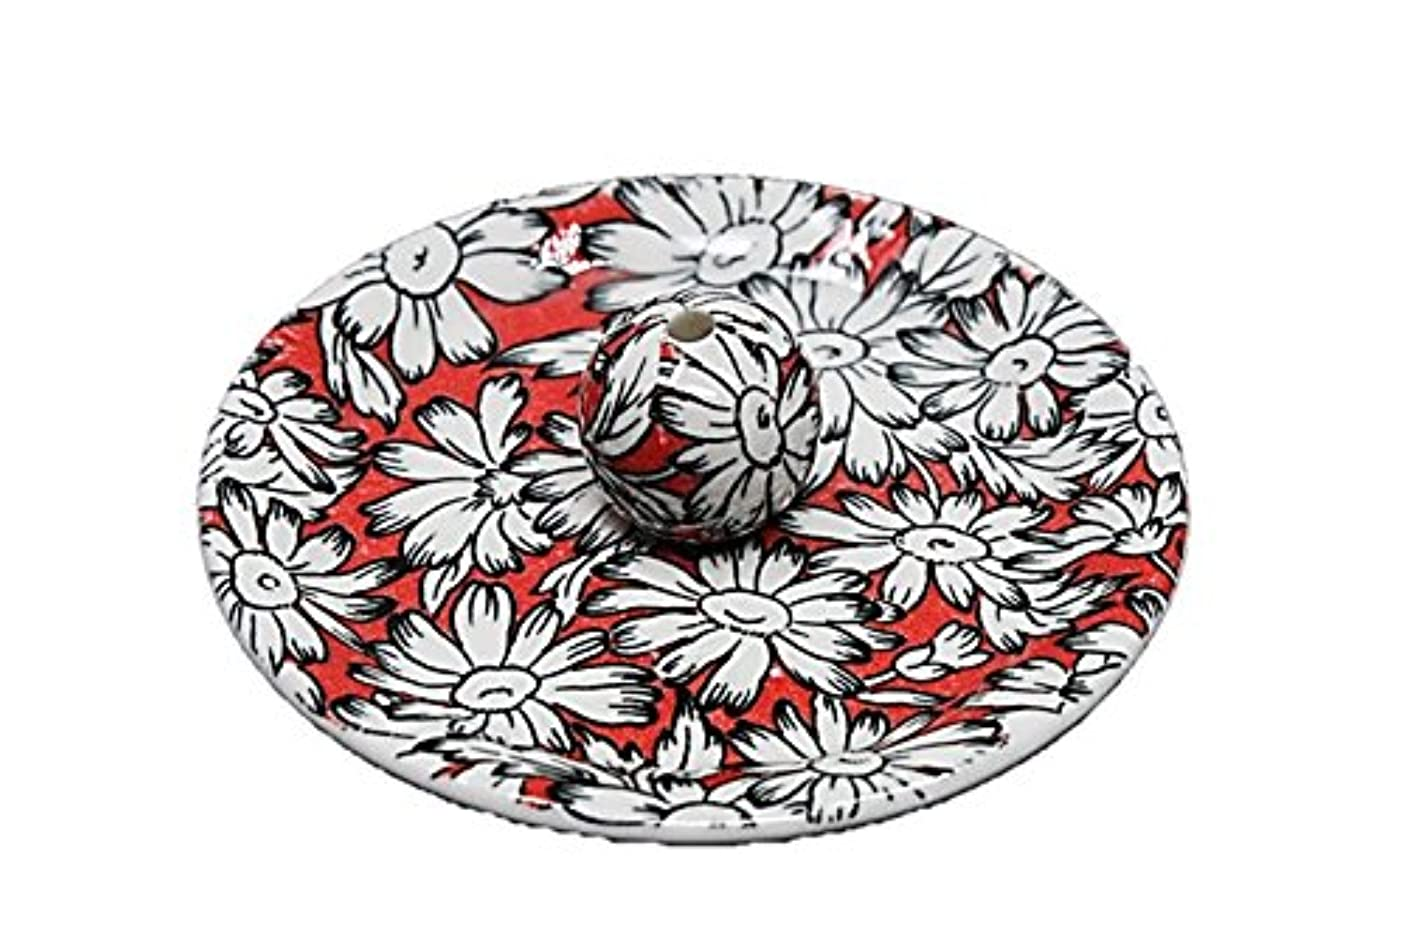 罹患率急いで覚えている9-23 マーガレットレッド 9cm香皿 お香立て お香たて 陶器 日本製 製造?直売品